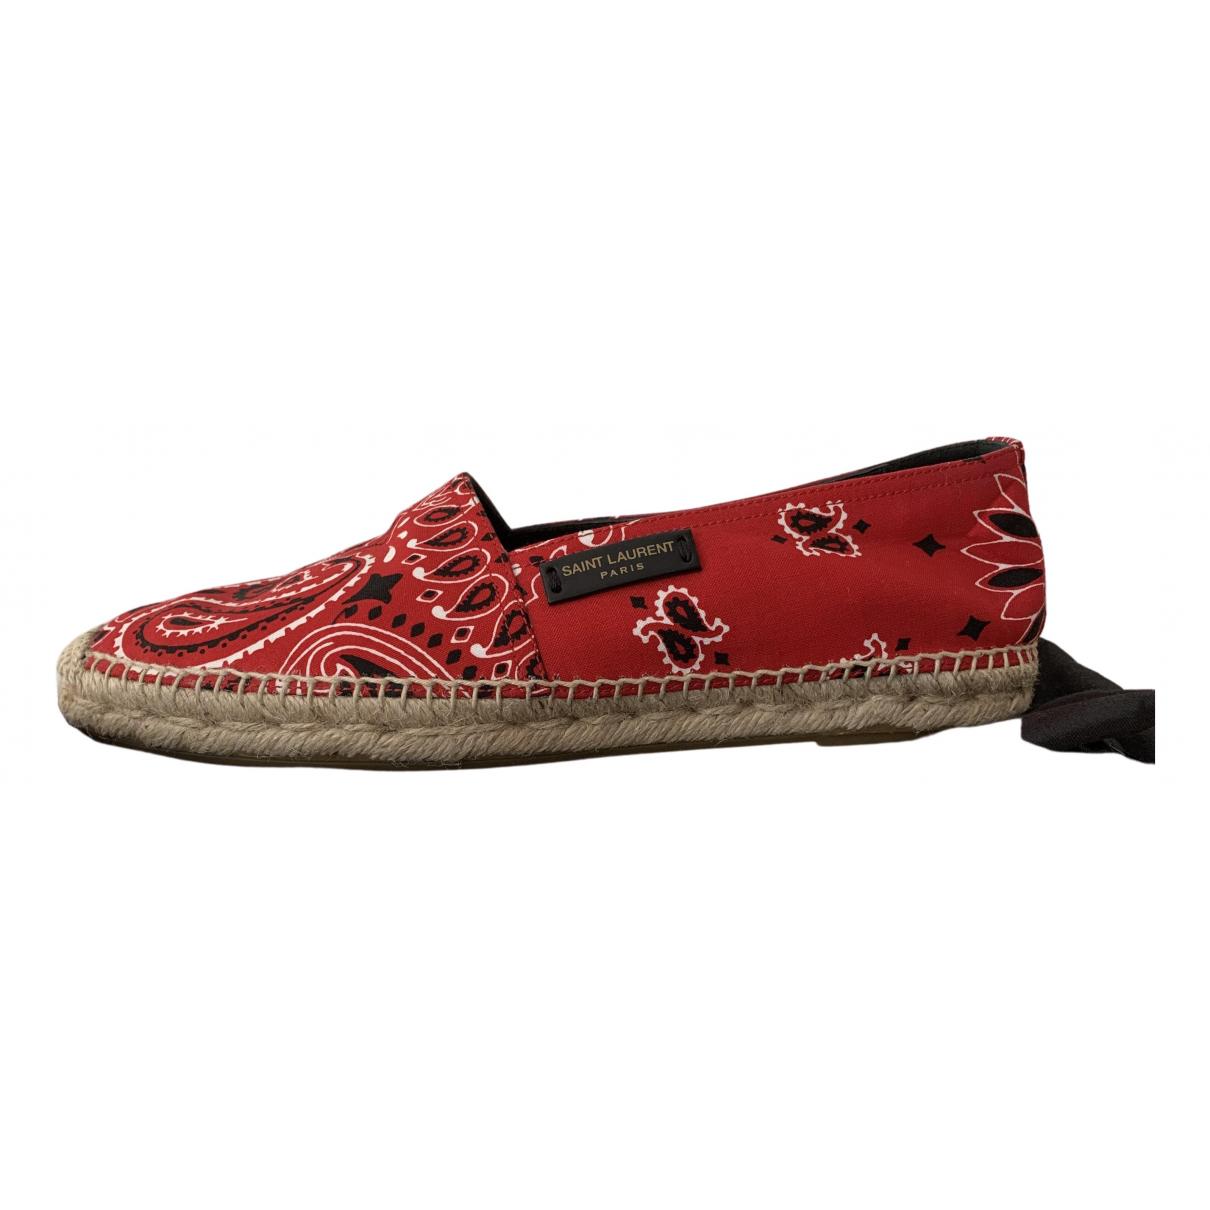 Saint Laurent - Espadrilles   pour femme en toile - rouge